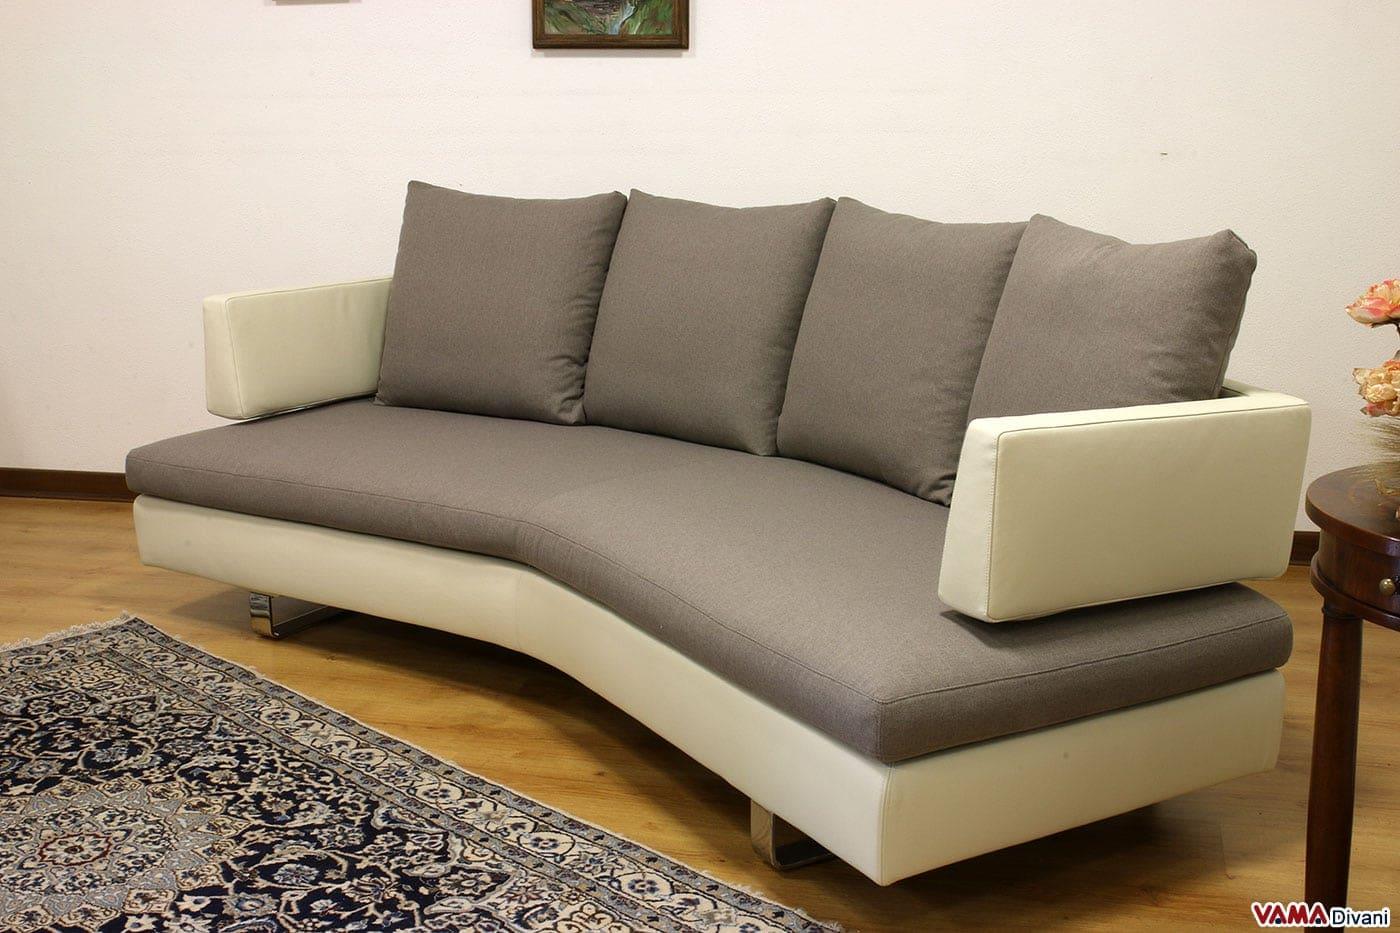 Divano Curvo Prezzo: ... da divano 2 posti terminale curvo ...